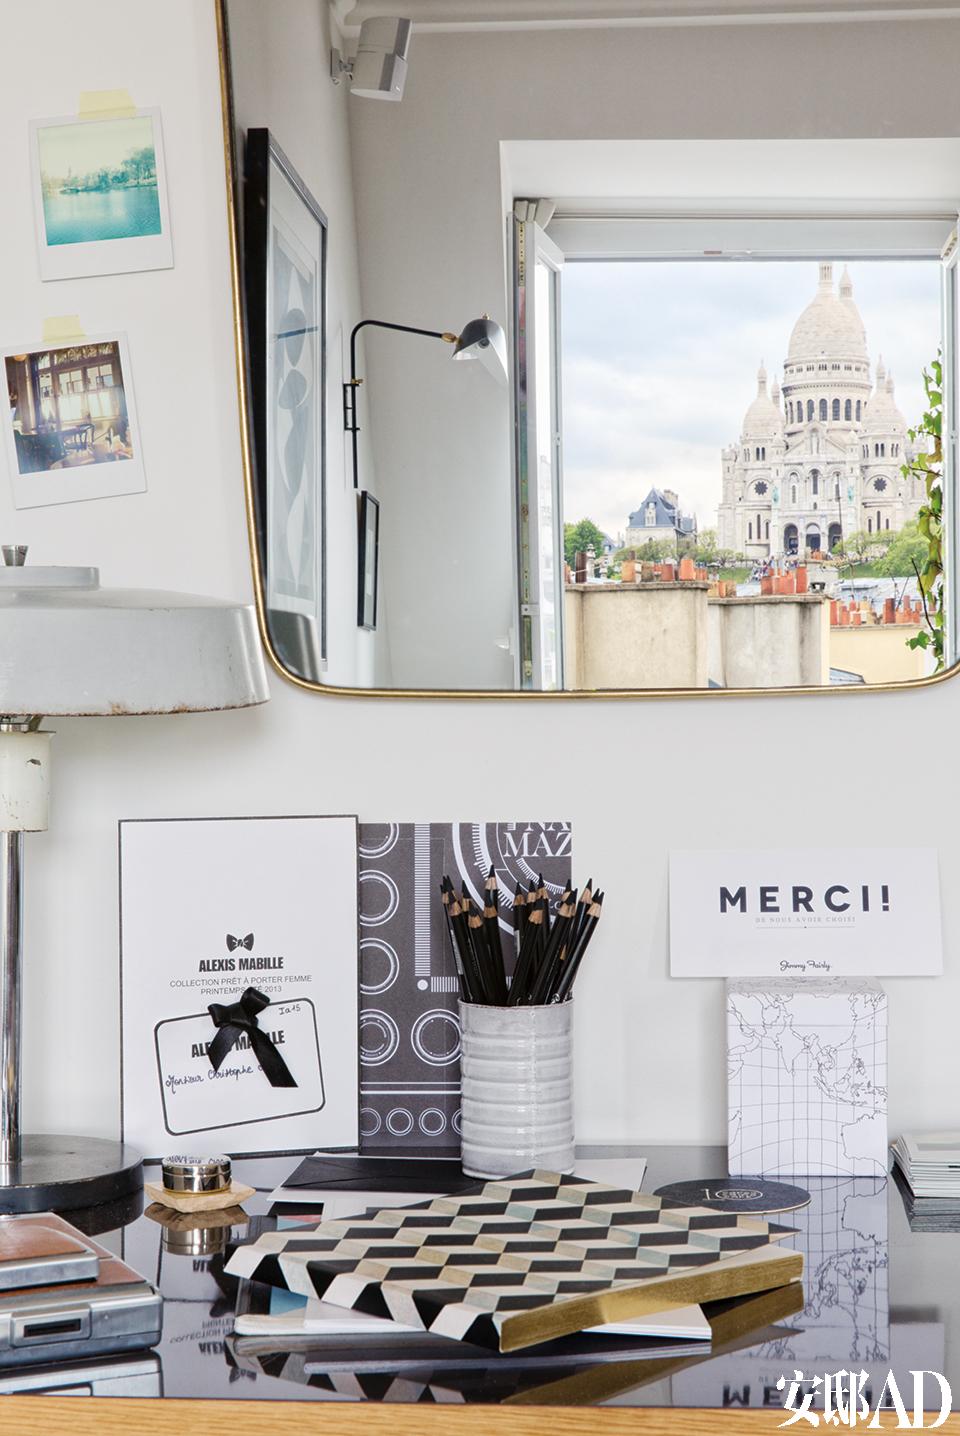 写字台上,一只老台灯来自巴黎的Vanves跳蚤市场,从墙上的镜子里,可以看见近在咫尺的圣心教堂。